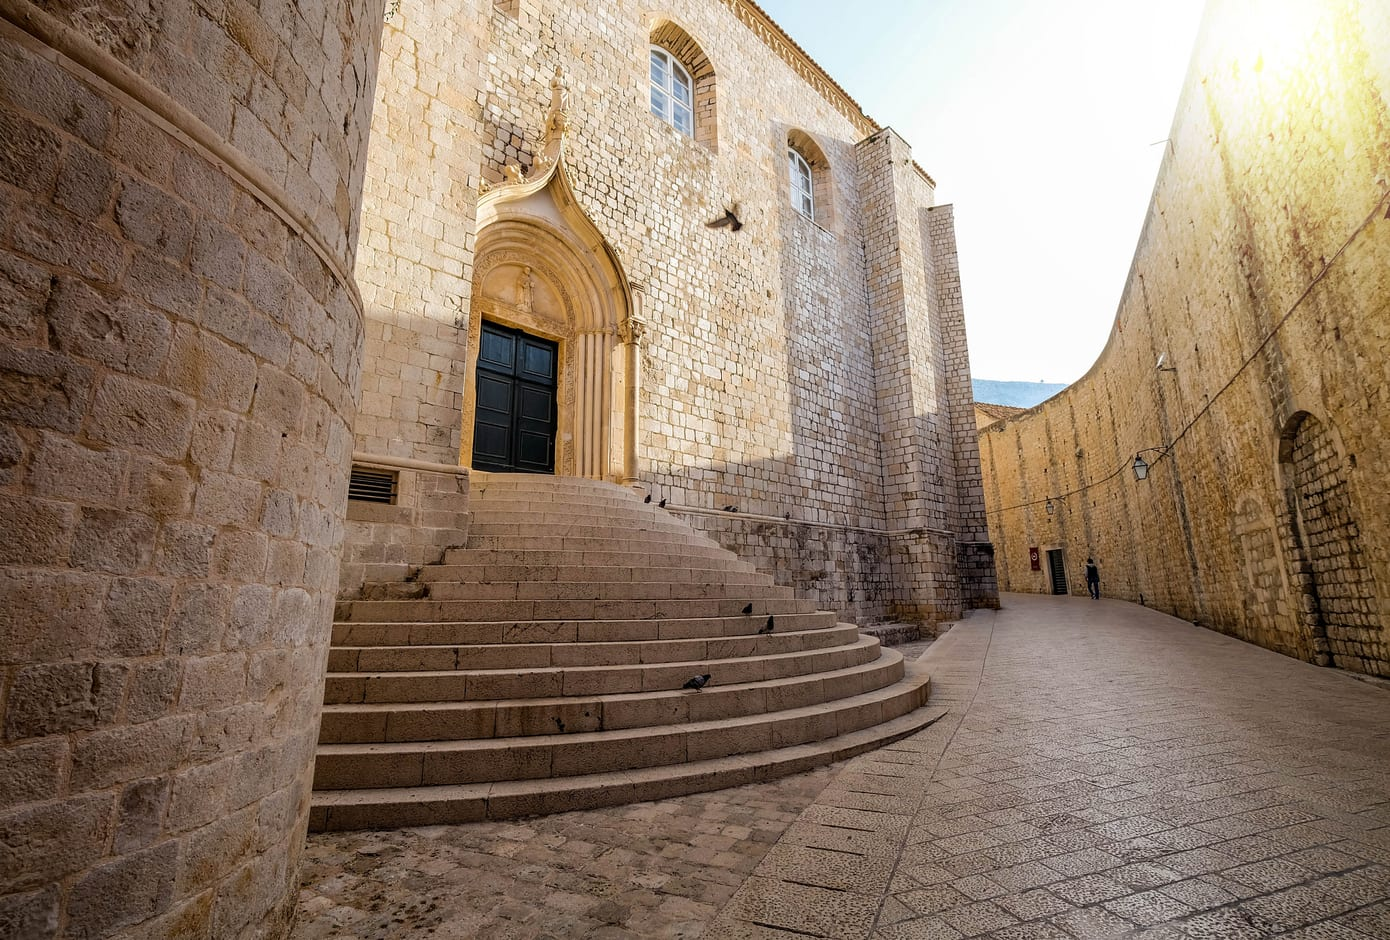 St. Dominic Street in Dubrovnik.